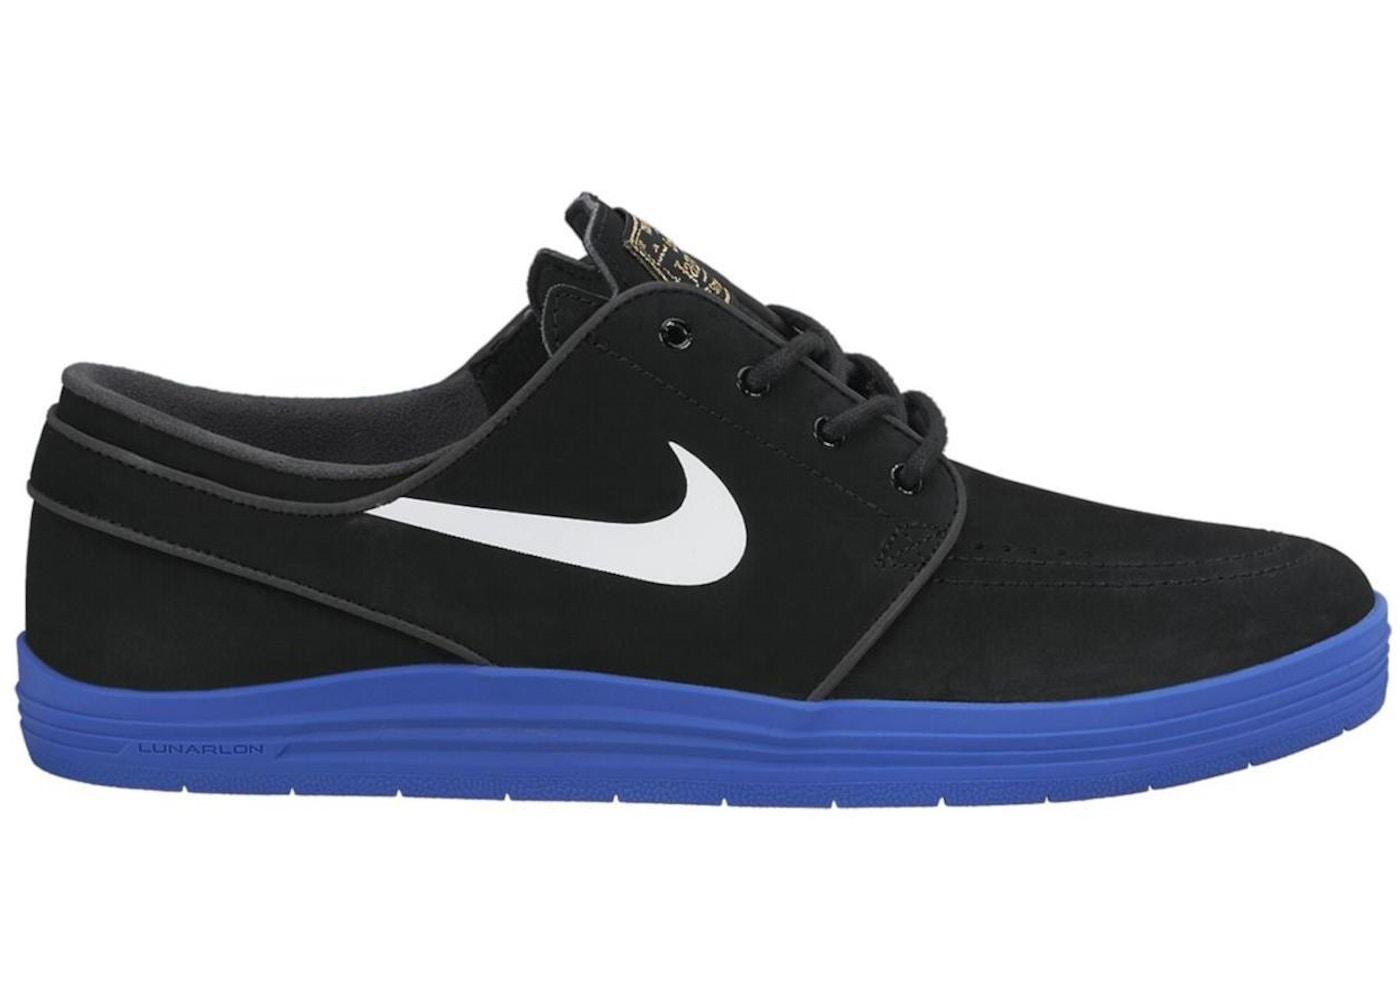 premium selection fe498 d0160 Nike SB Stefan Janoski Lunar Black Royal - 654857-014